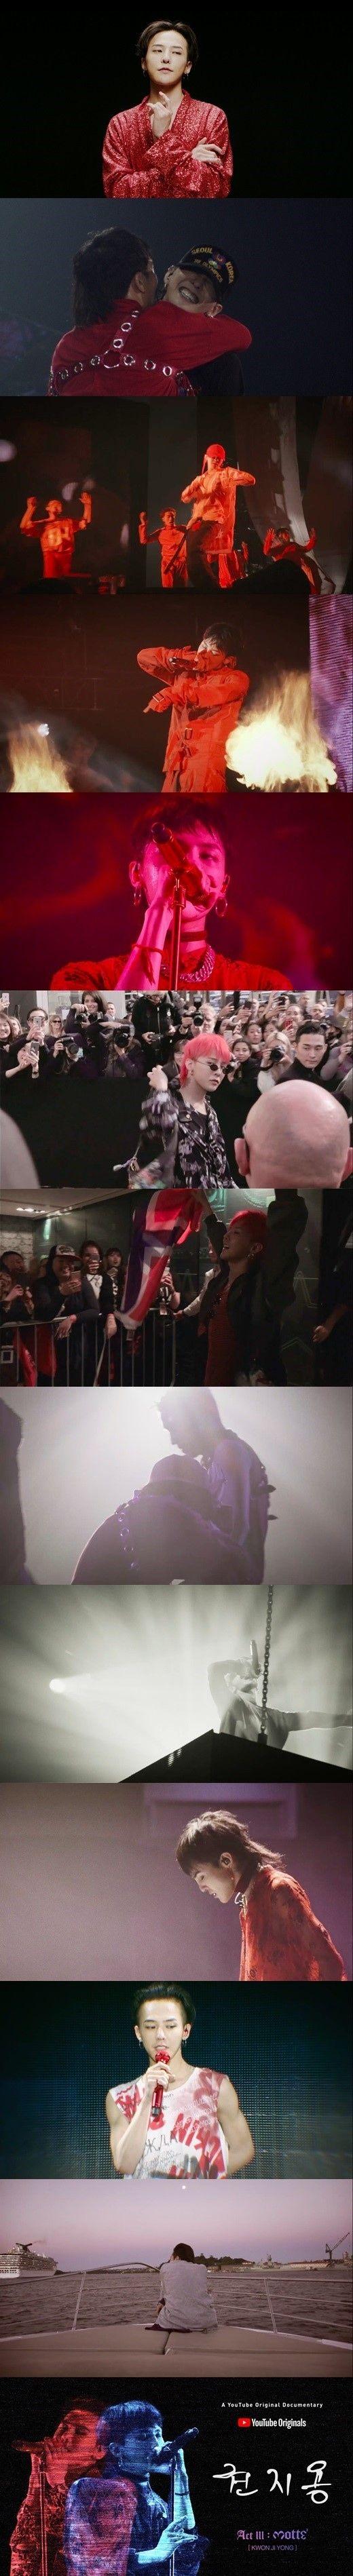 【BIGBANG NEWS】G-DRAGON、入隊前のソロコンサートの現場を収めたドキュメンタリーを制作…9/5に公開(動画あり)